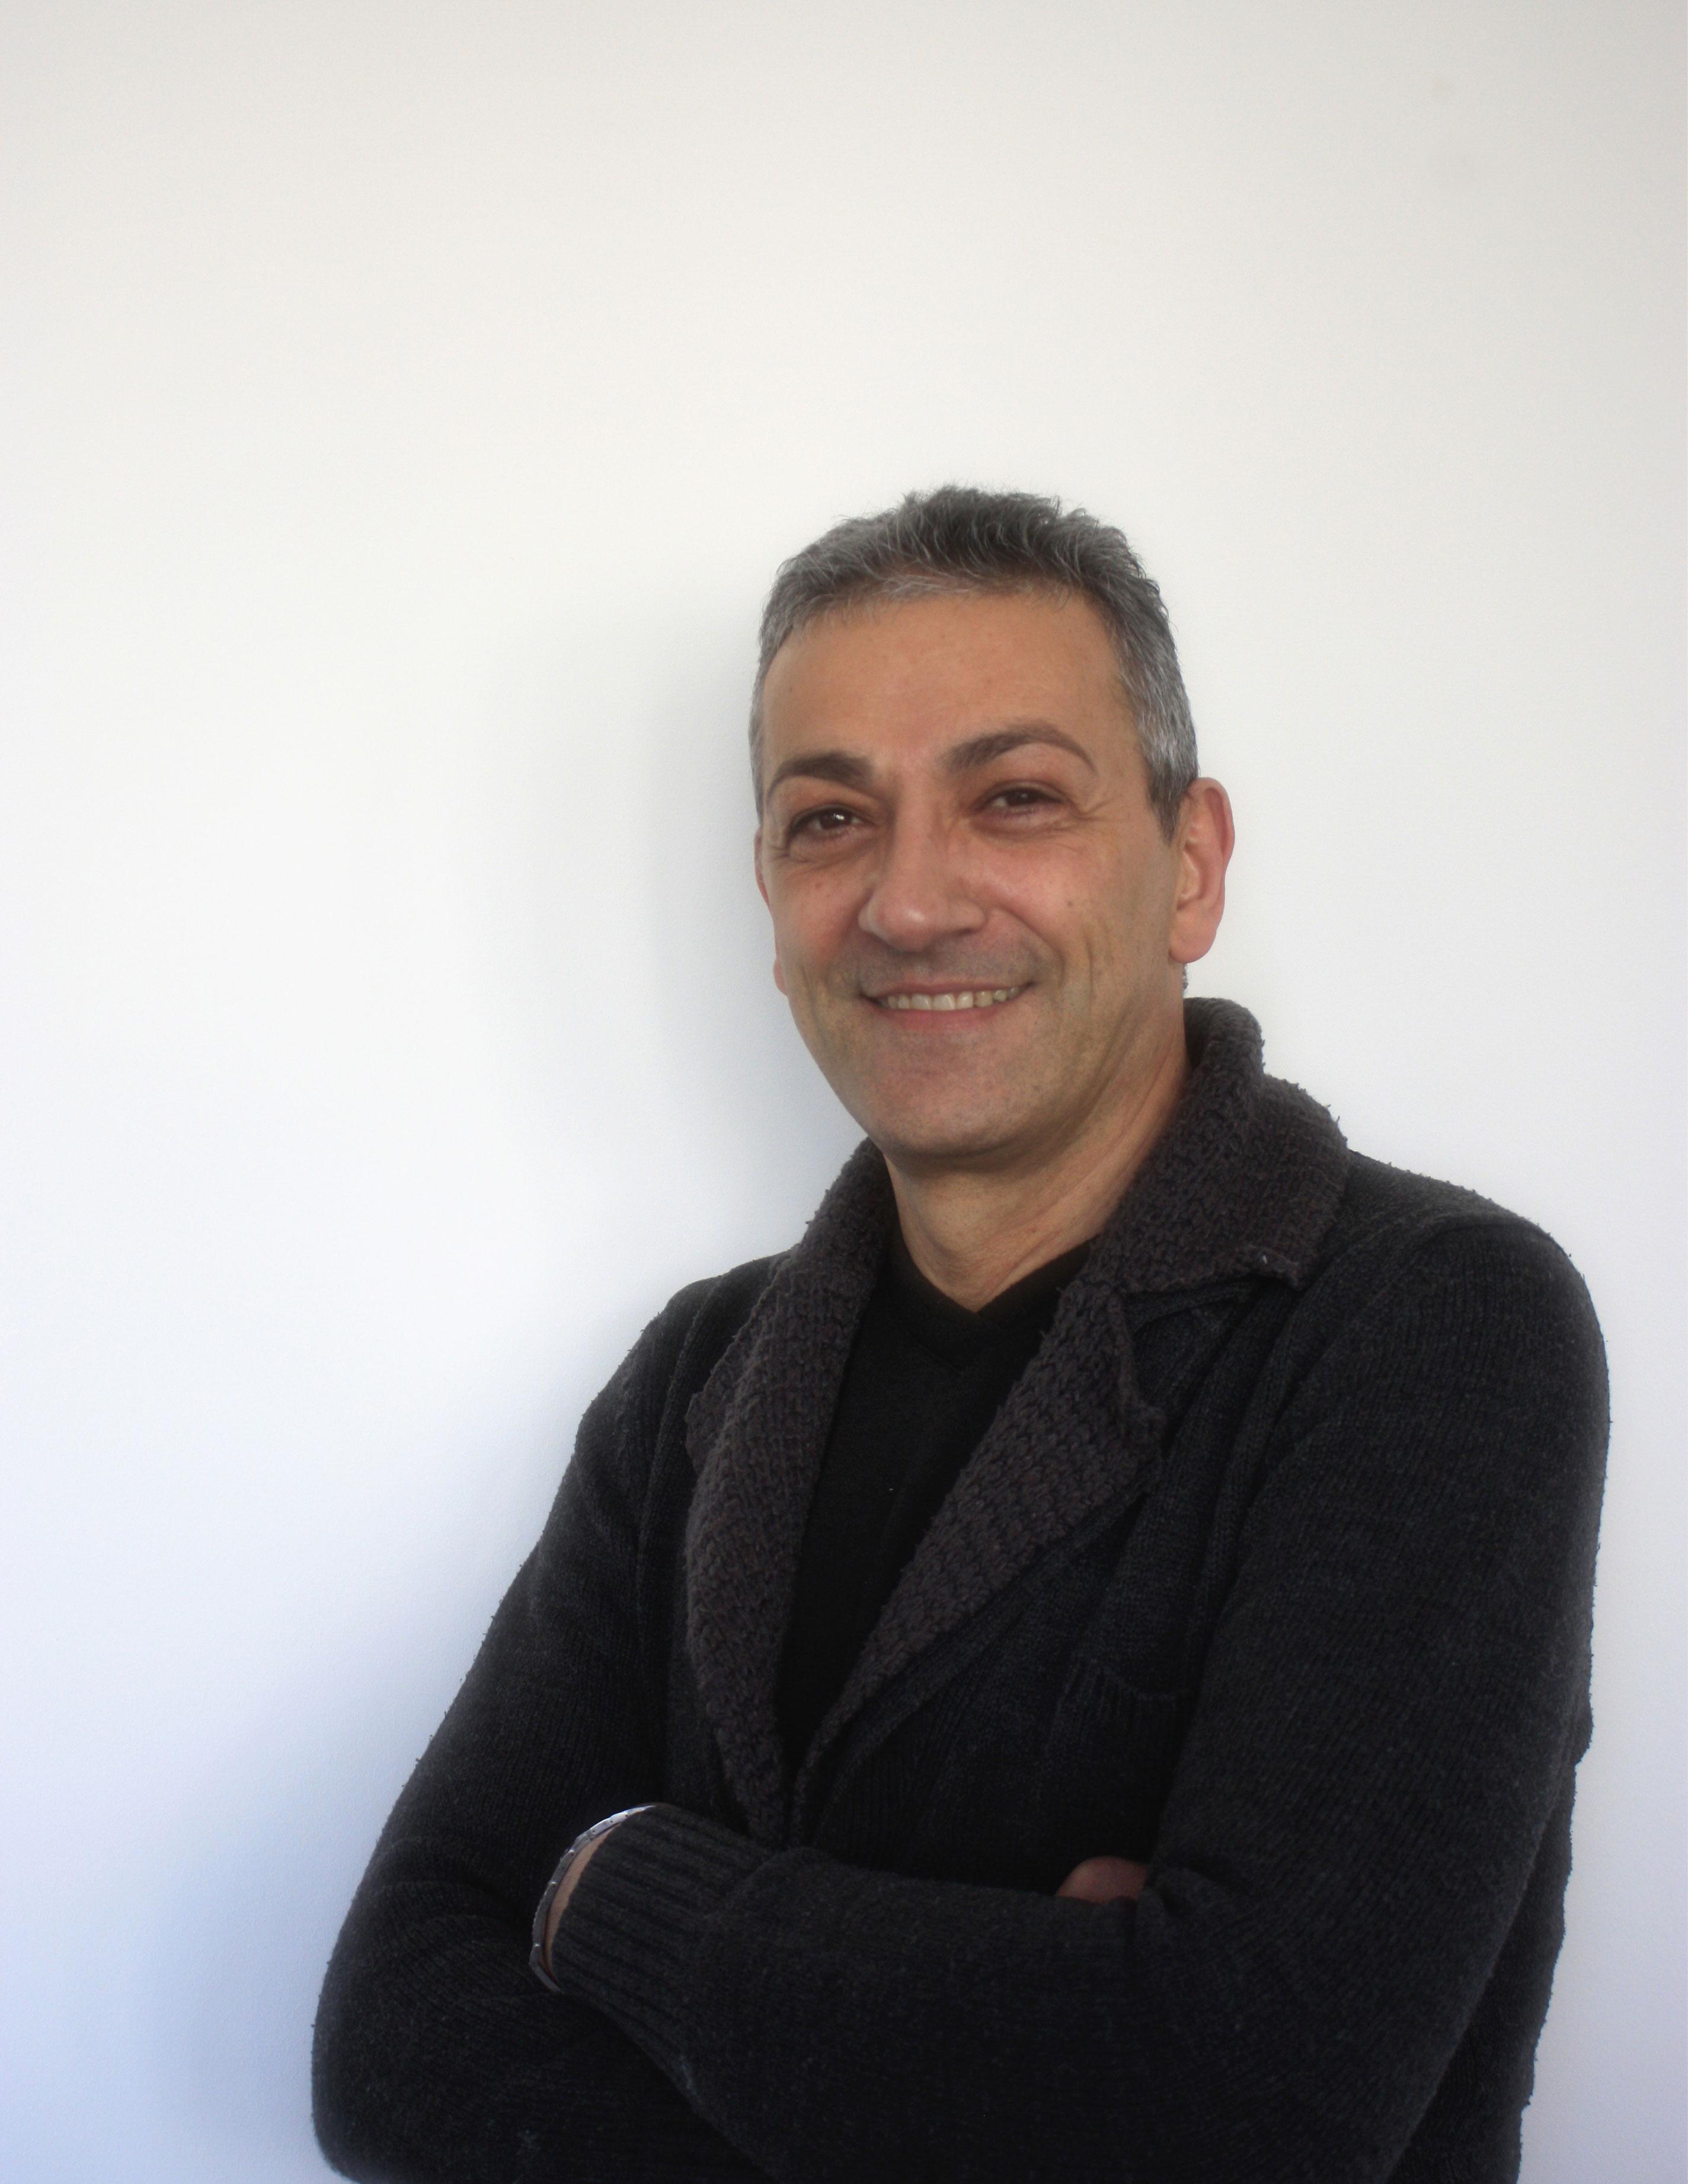 Ciro Gatta